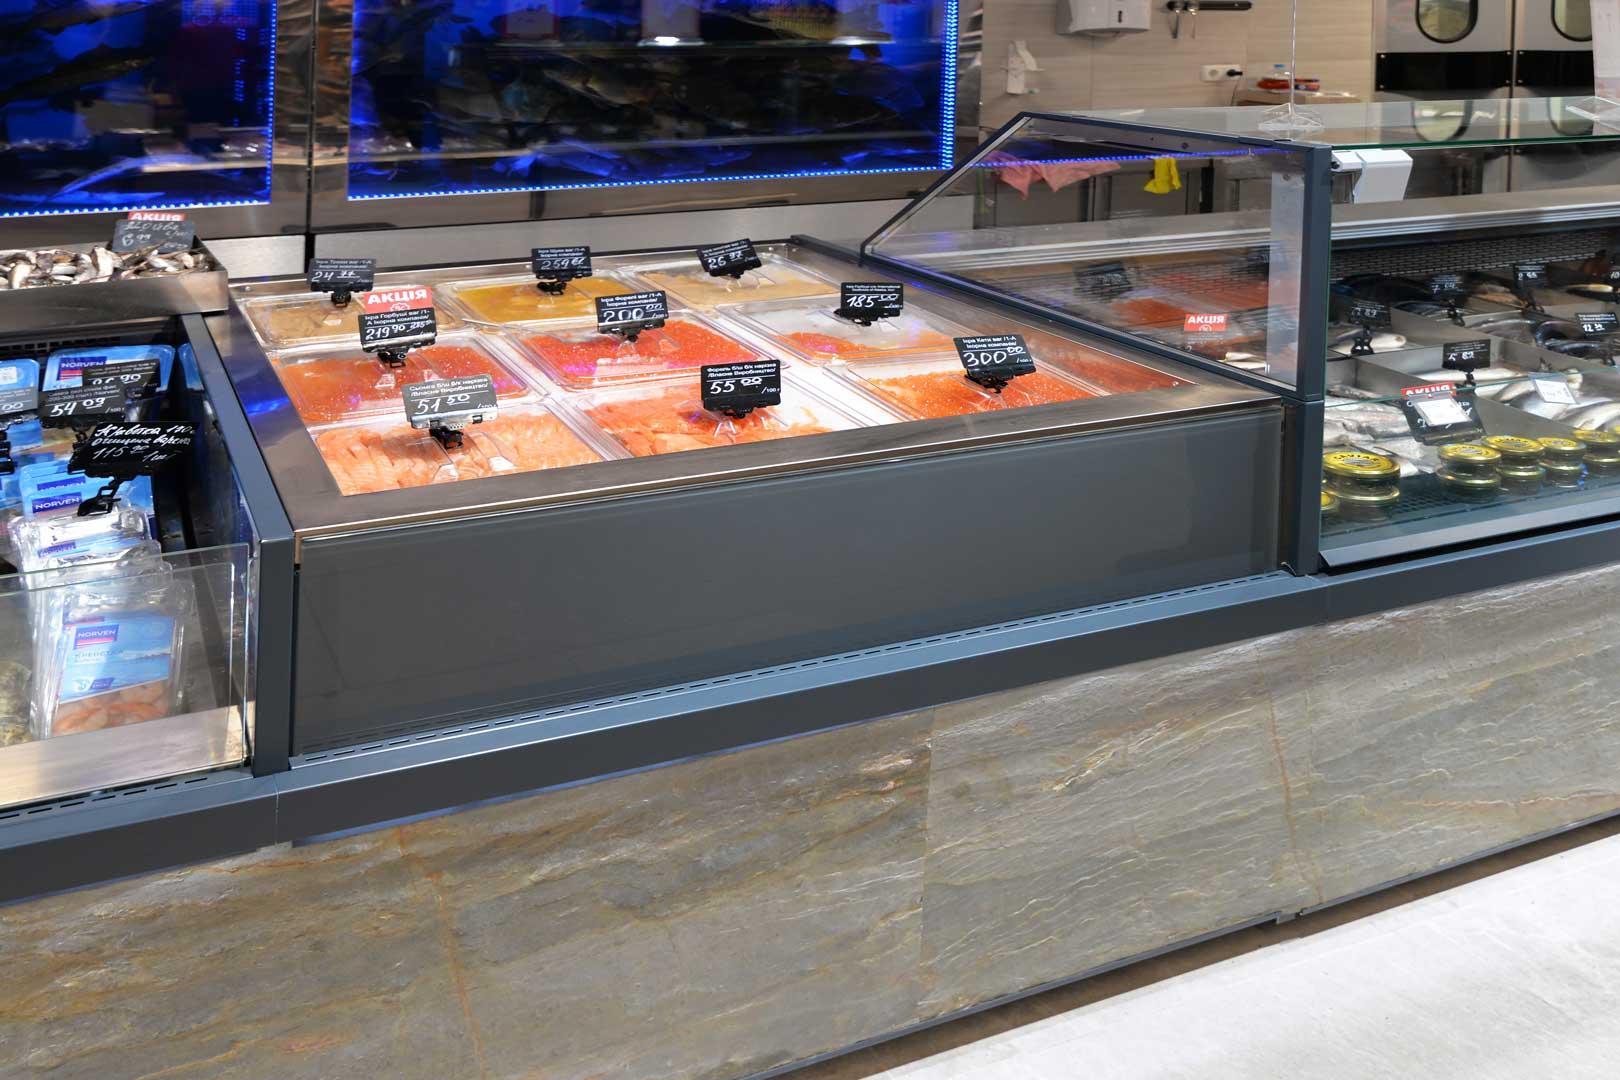 Refrigerated counters Missouri MC 120 deli self 086